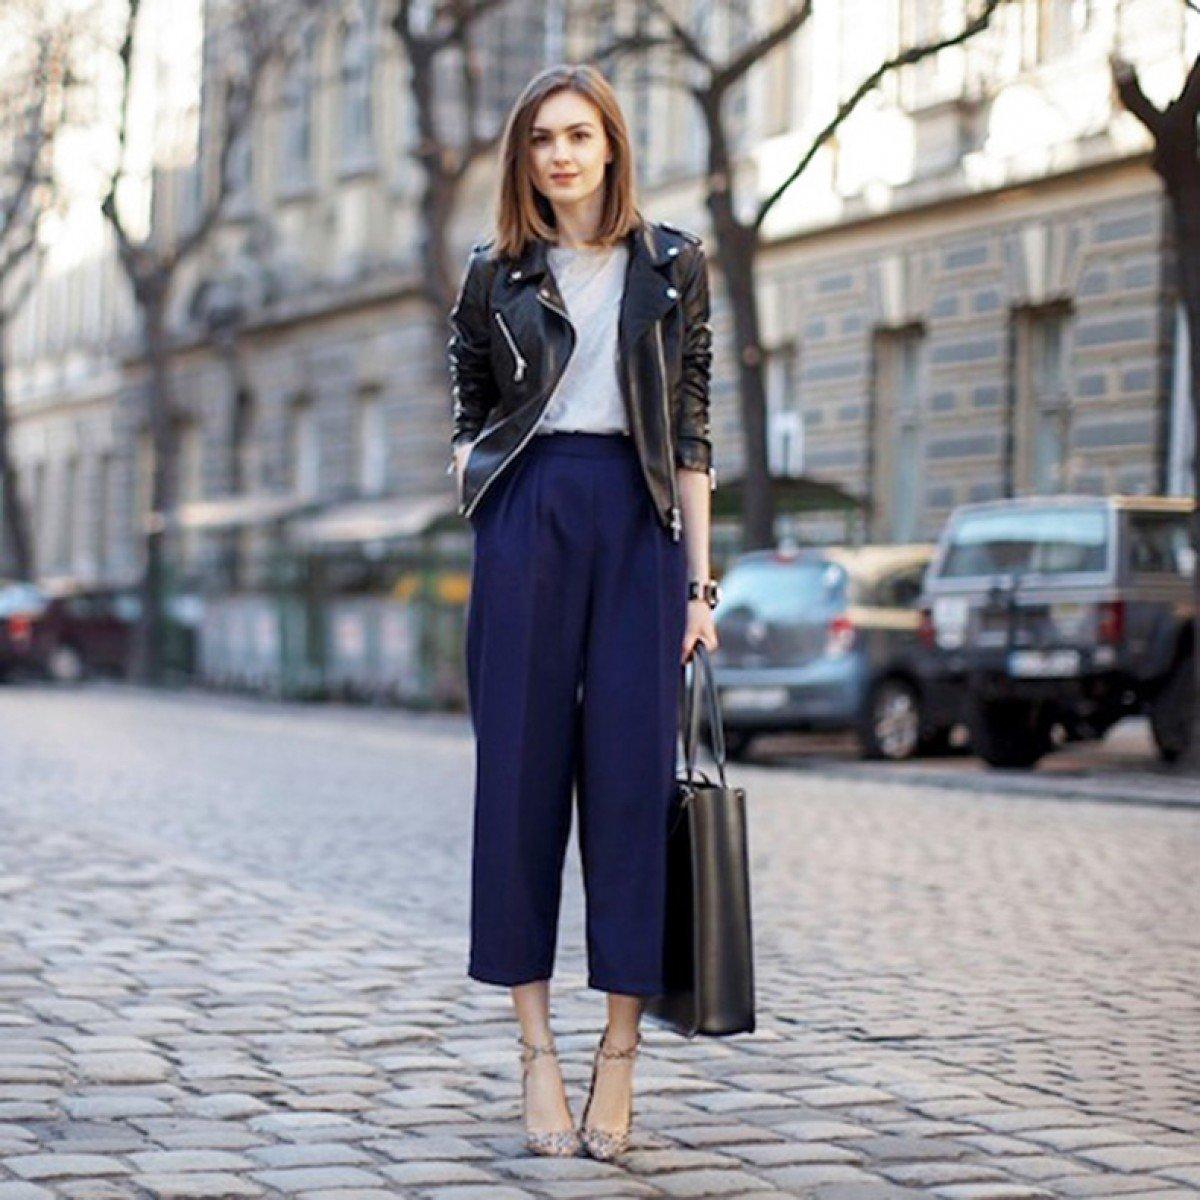 Брюки-кюлоты – модный женственный тренд 2020-2021